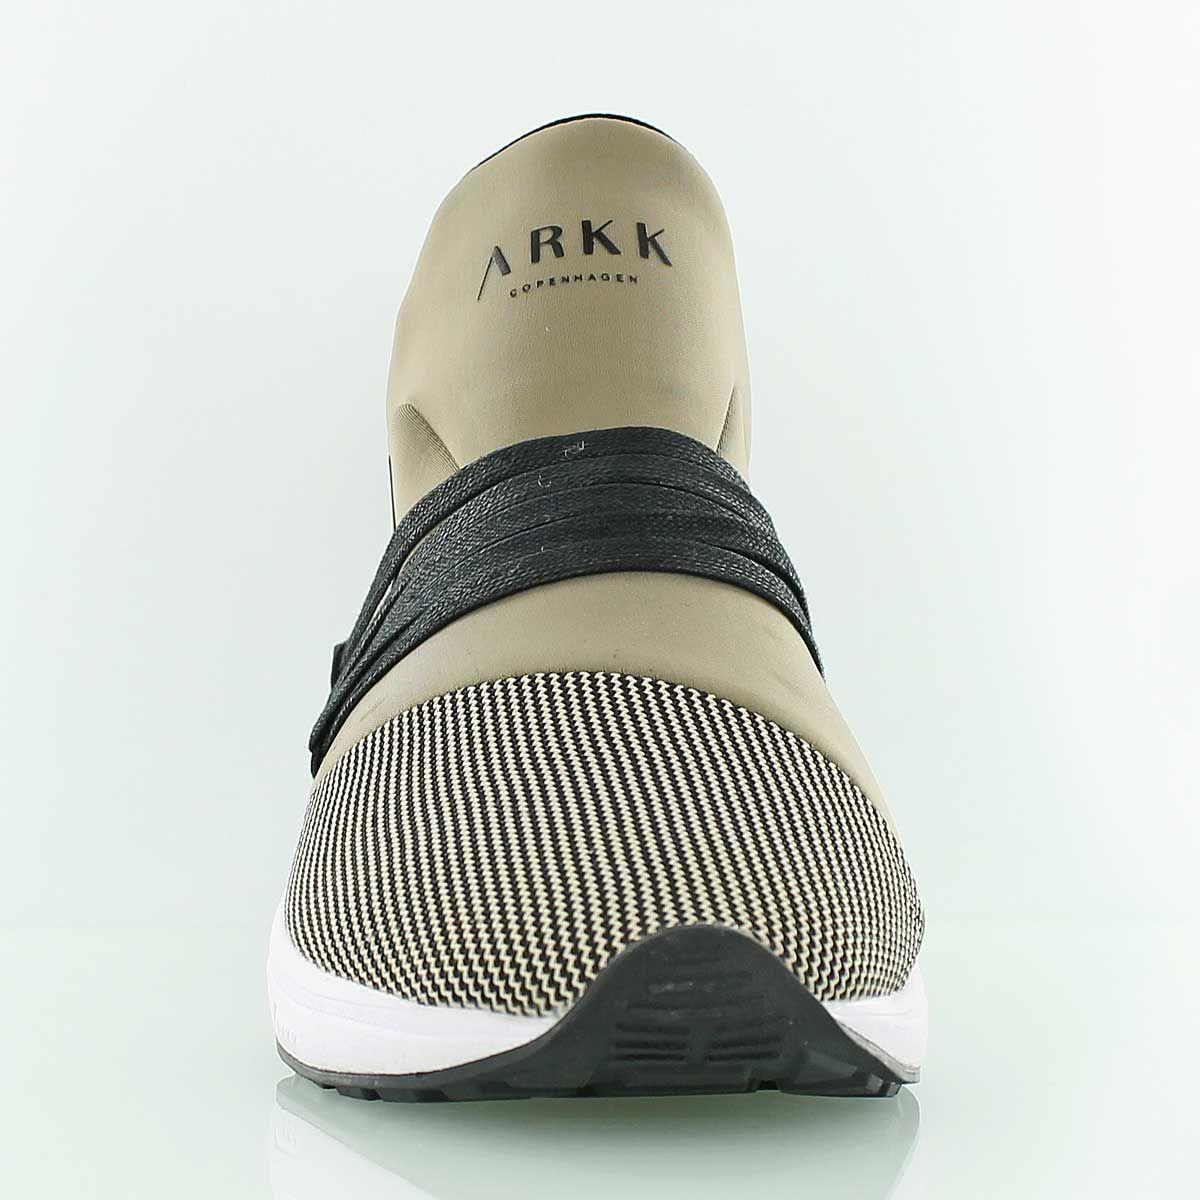 oben Adidas NMD Schuhe versandkostenfrei bei KICKZ bestellen